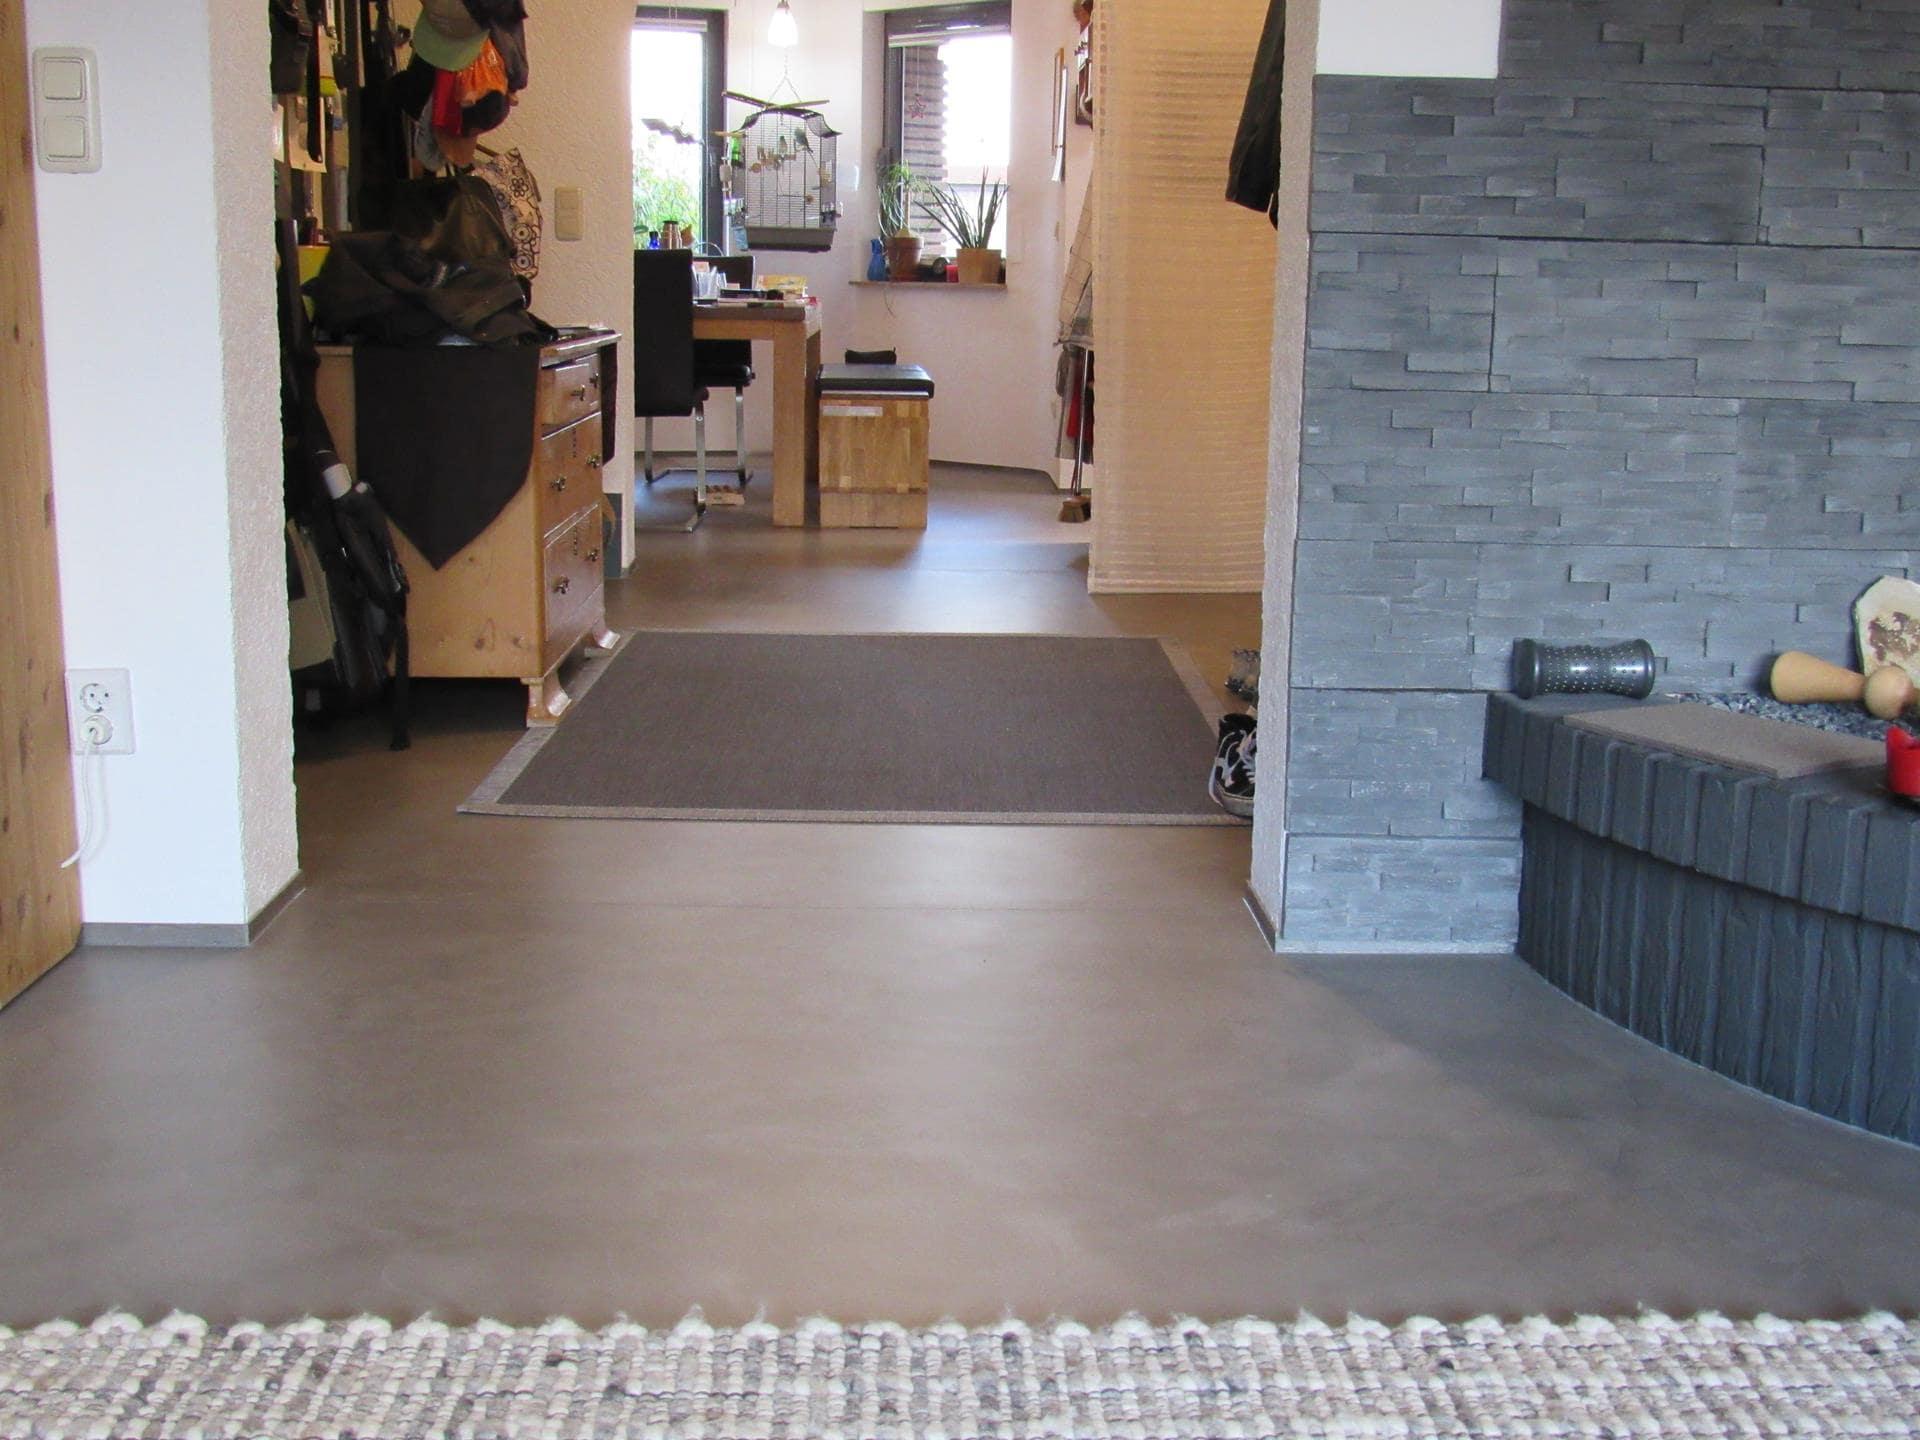 Full Size of Welche Bodenbeläge Für Küche Boden Küche Fliesen Bodenbelag Küche Boden Küche Esszimmer Küche Bodenbelag Küche